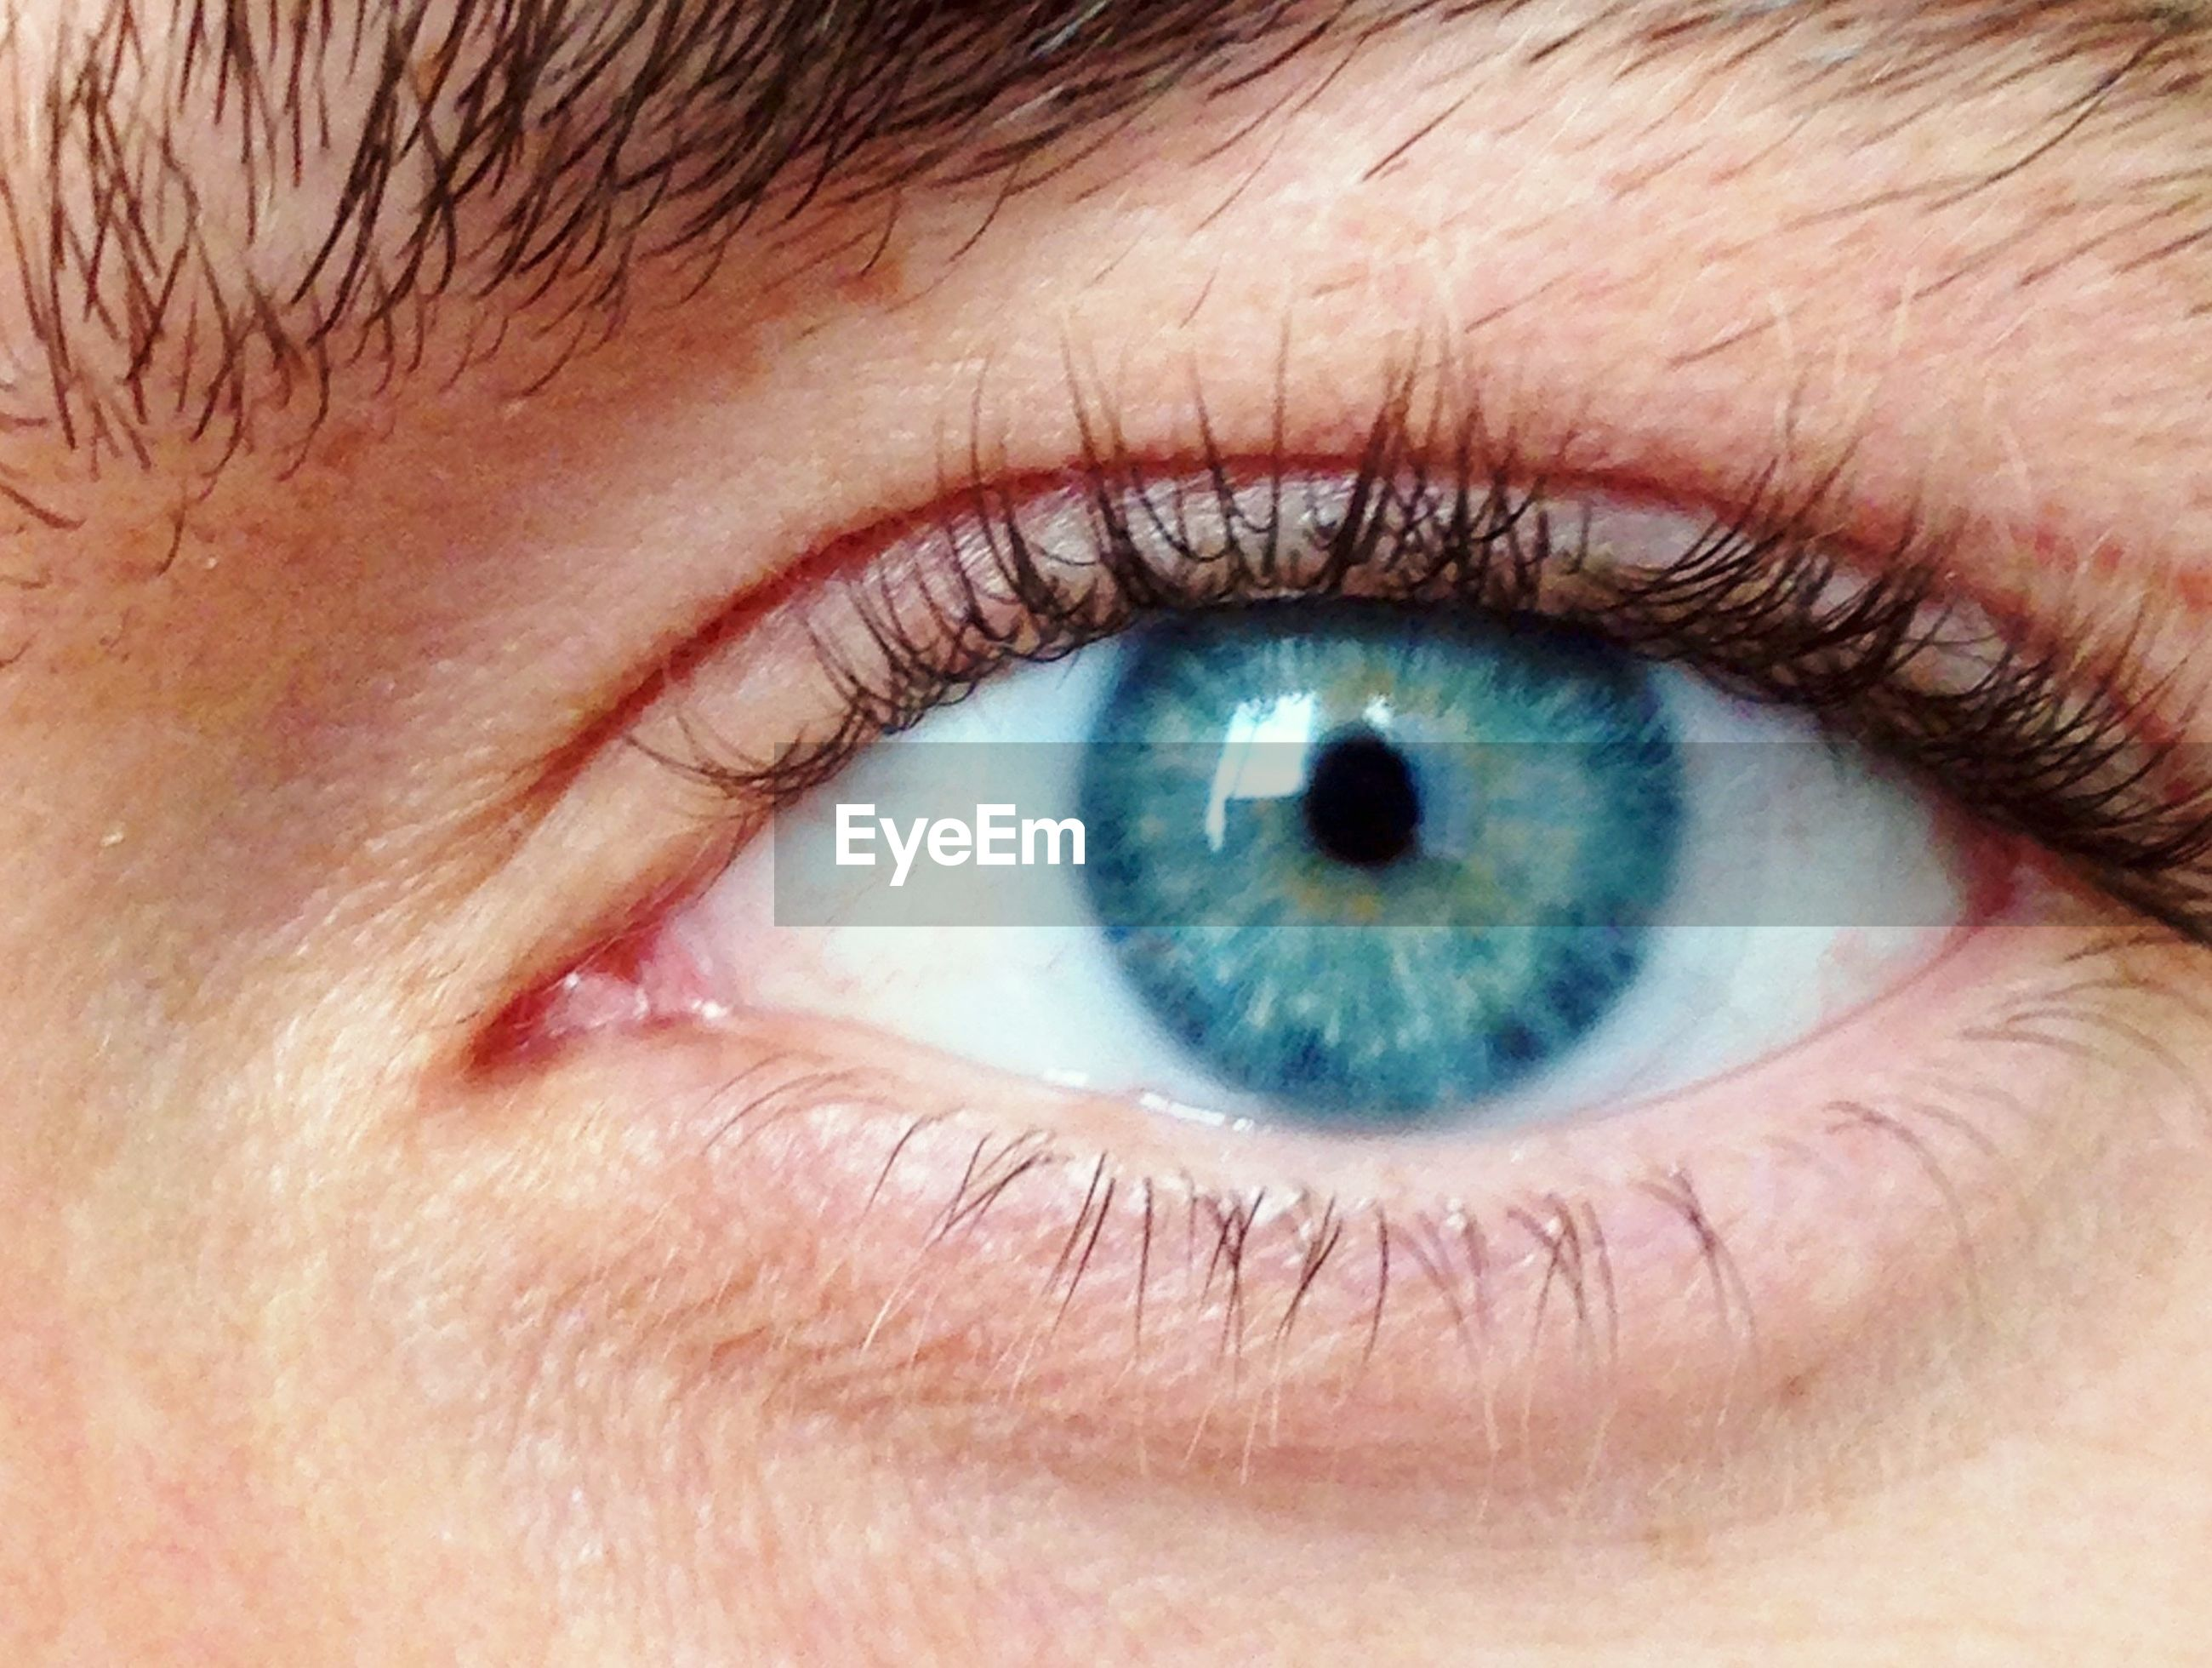 human eye, eyelash, eyesight, close-up, sensory perception, iris - eye, human skin, part of, eyeball, extreme close-up, looking at camera, eyebrow, human face, portrait, lifestyles, indoors, extreme close up